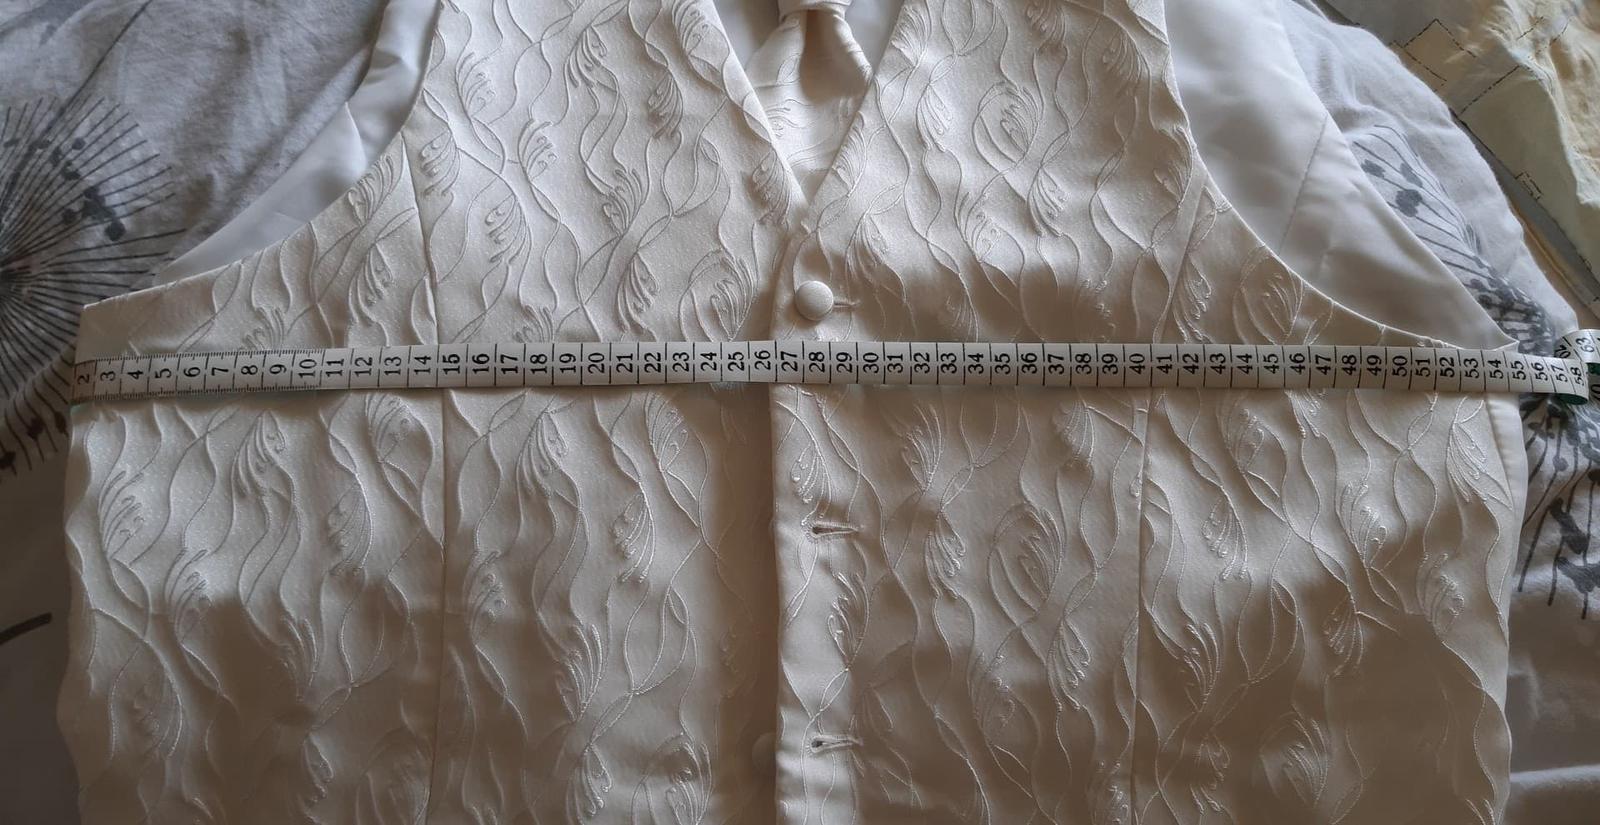 Panska svadobna vesta s kravatou - Obrázok č. 1